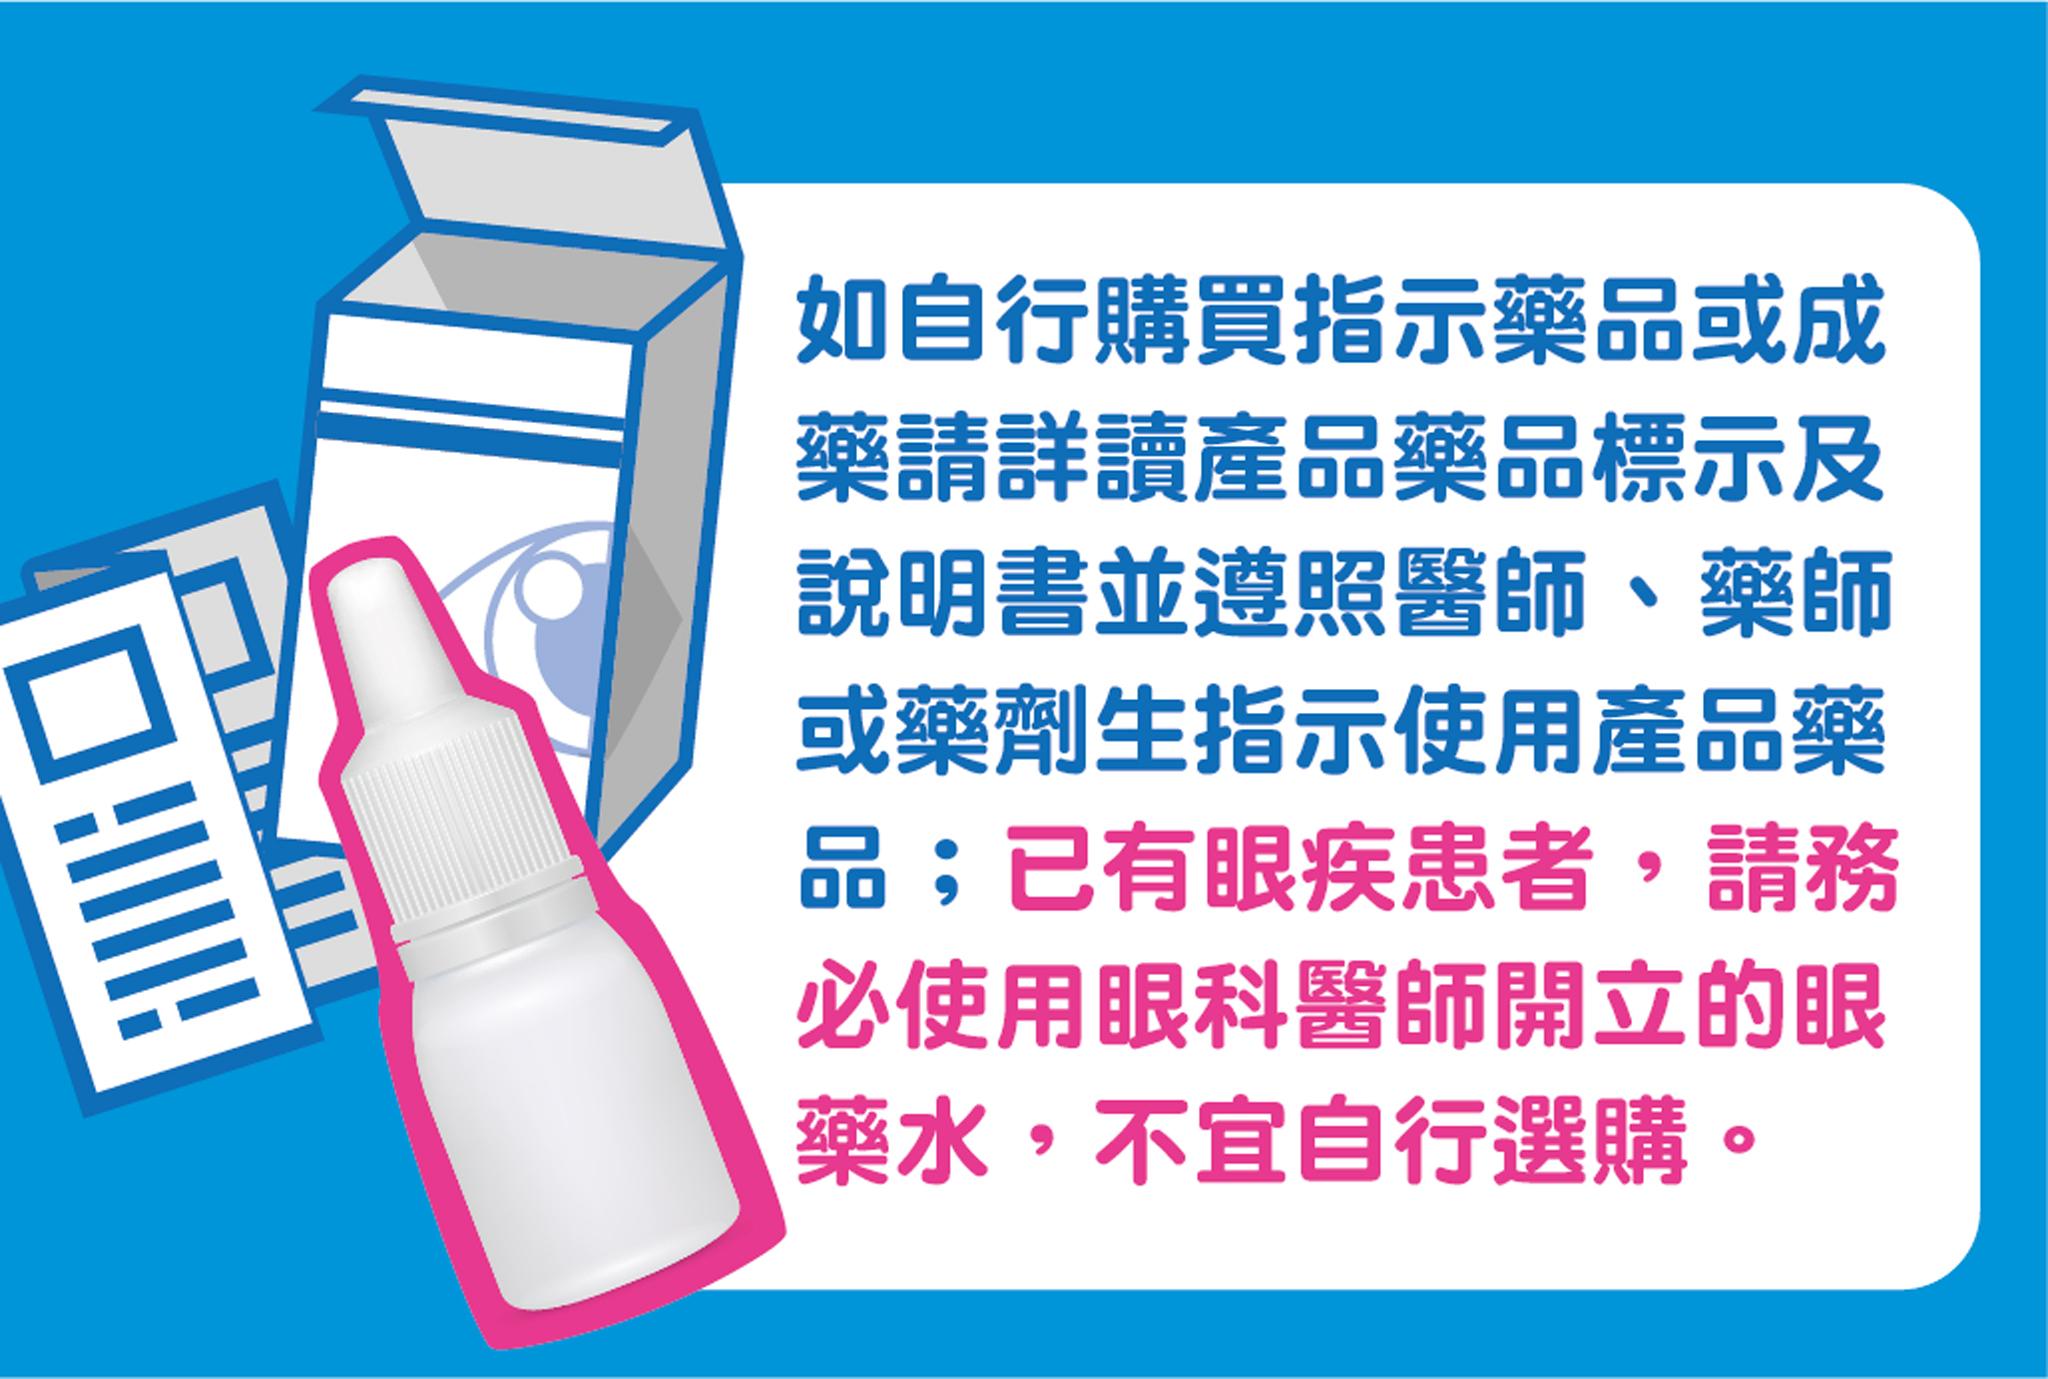 自行選購眼藥水須知,有眼疾者不宜自行選購。